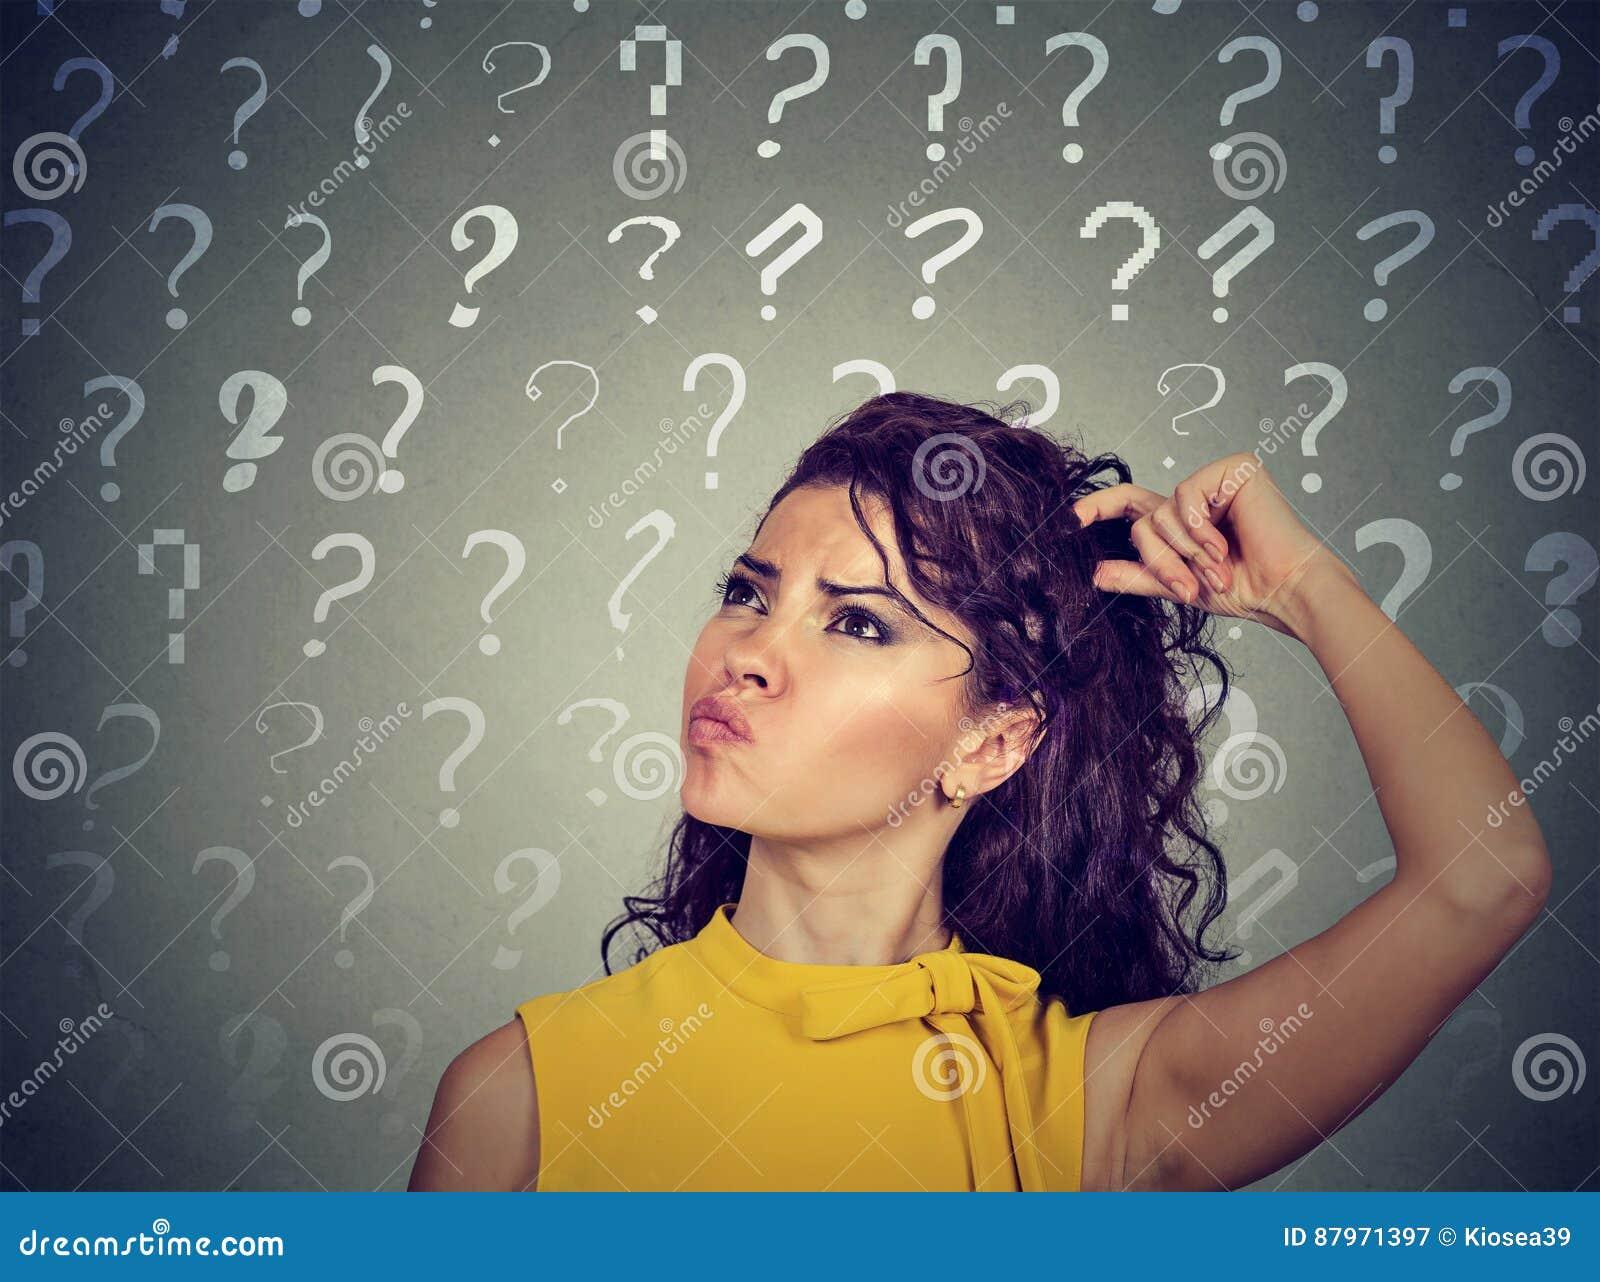 La testa di pensiero confusa di scratch della donna ha molte domande